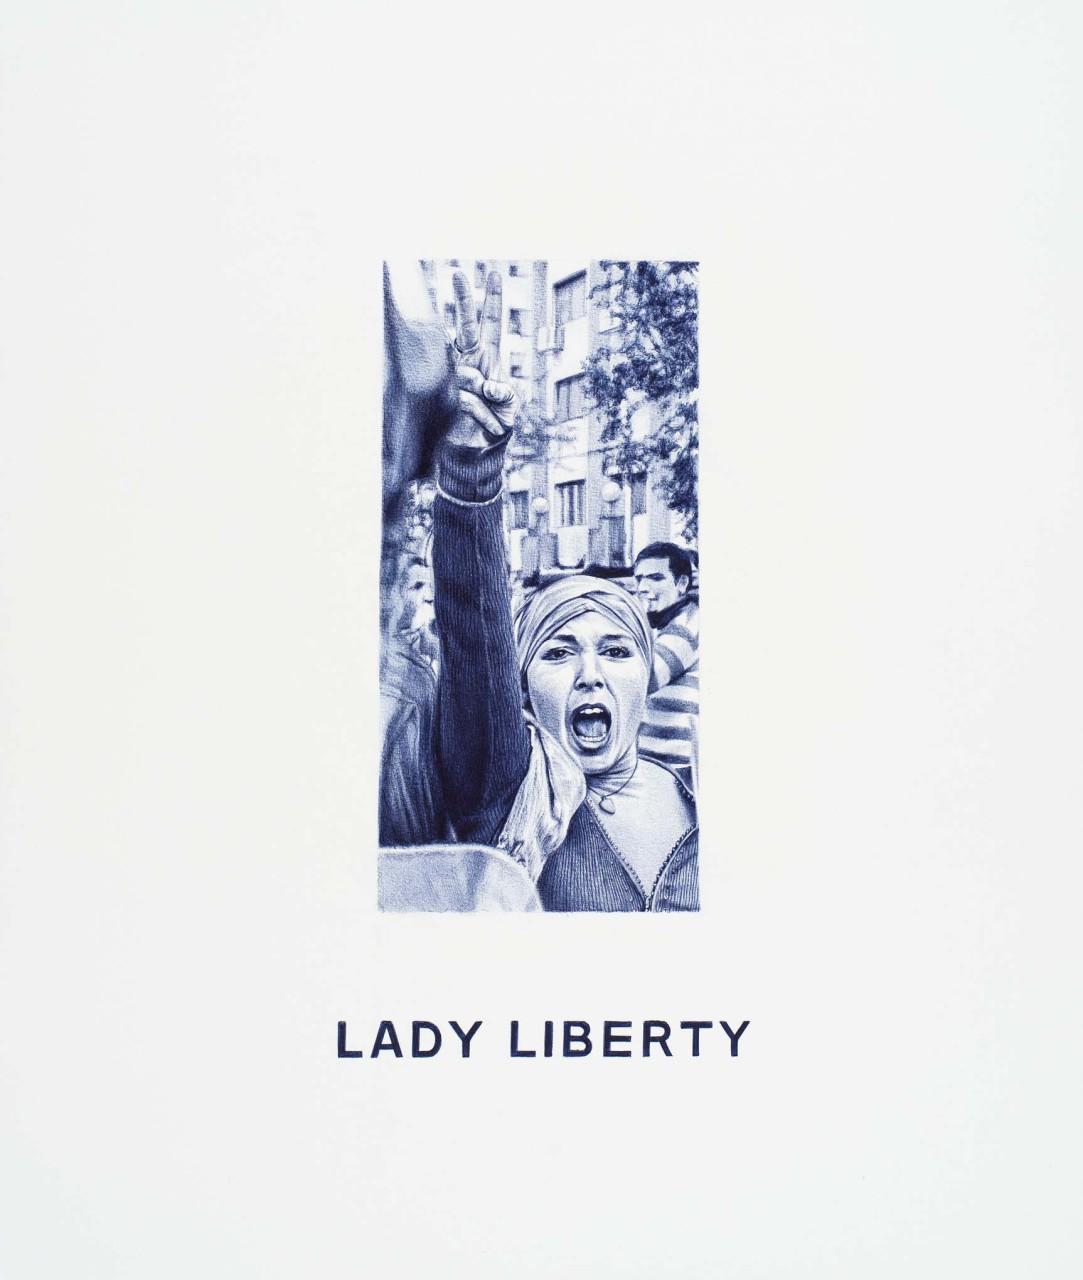 lady liberty_bassa